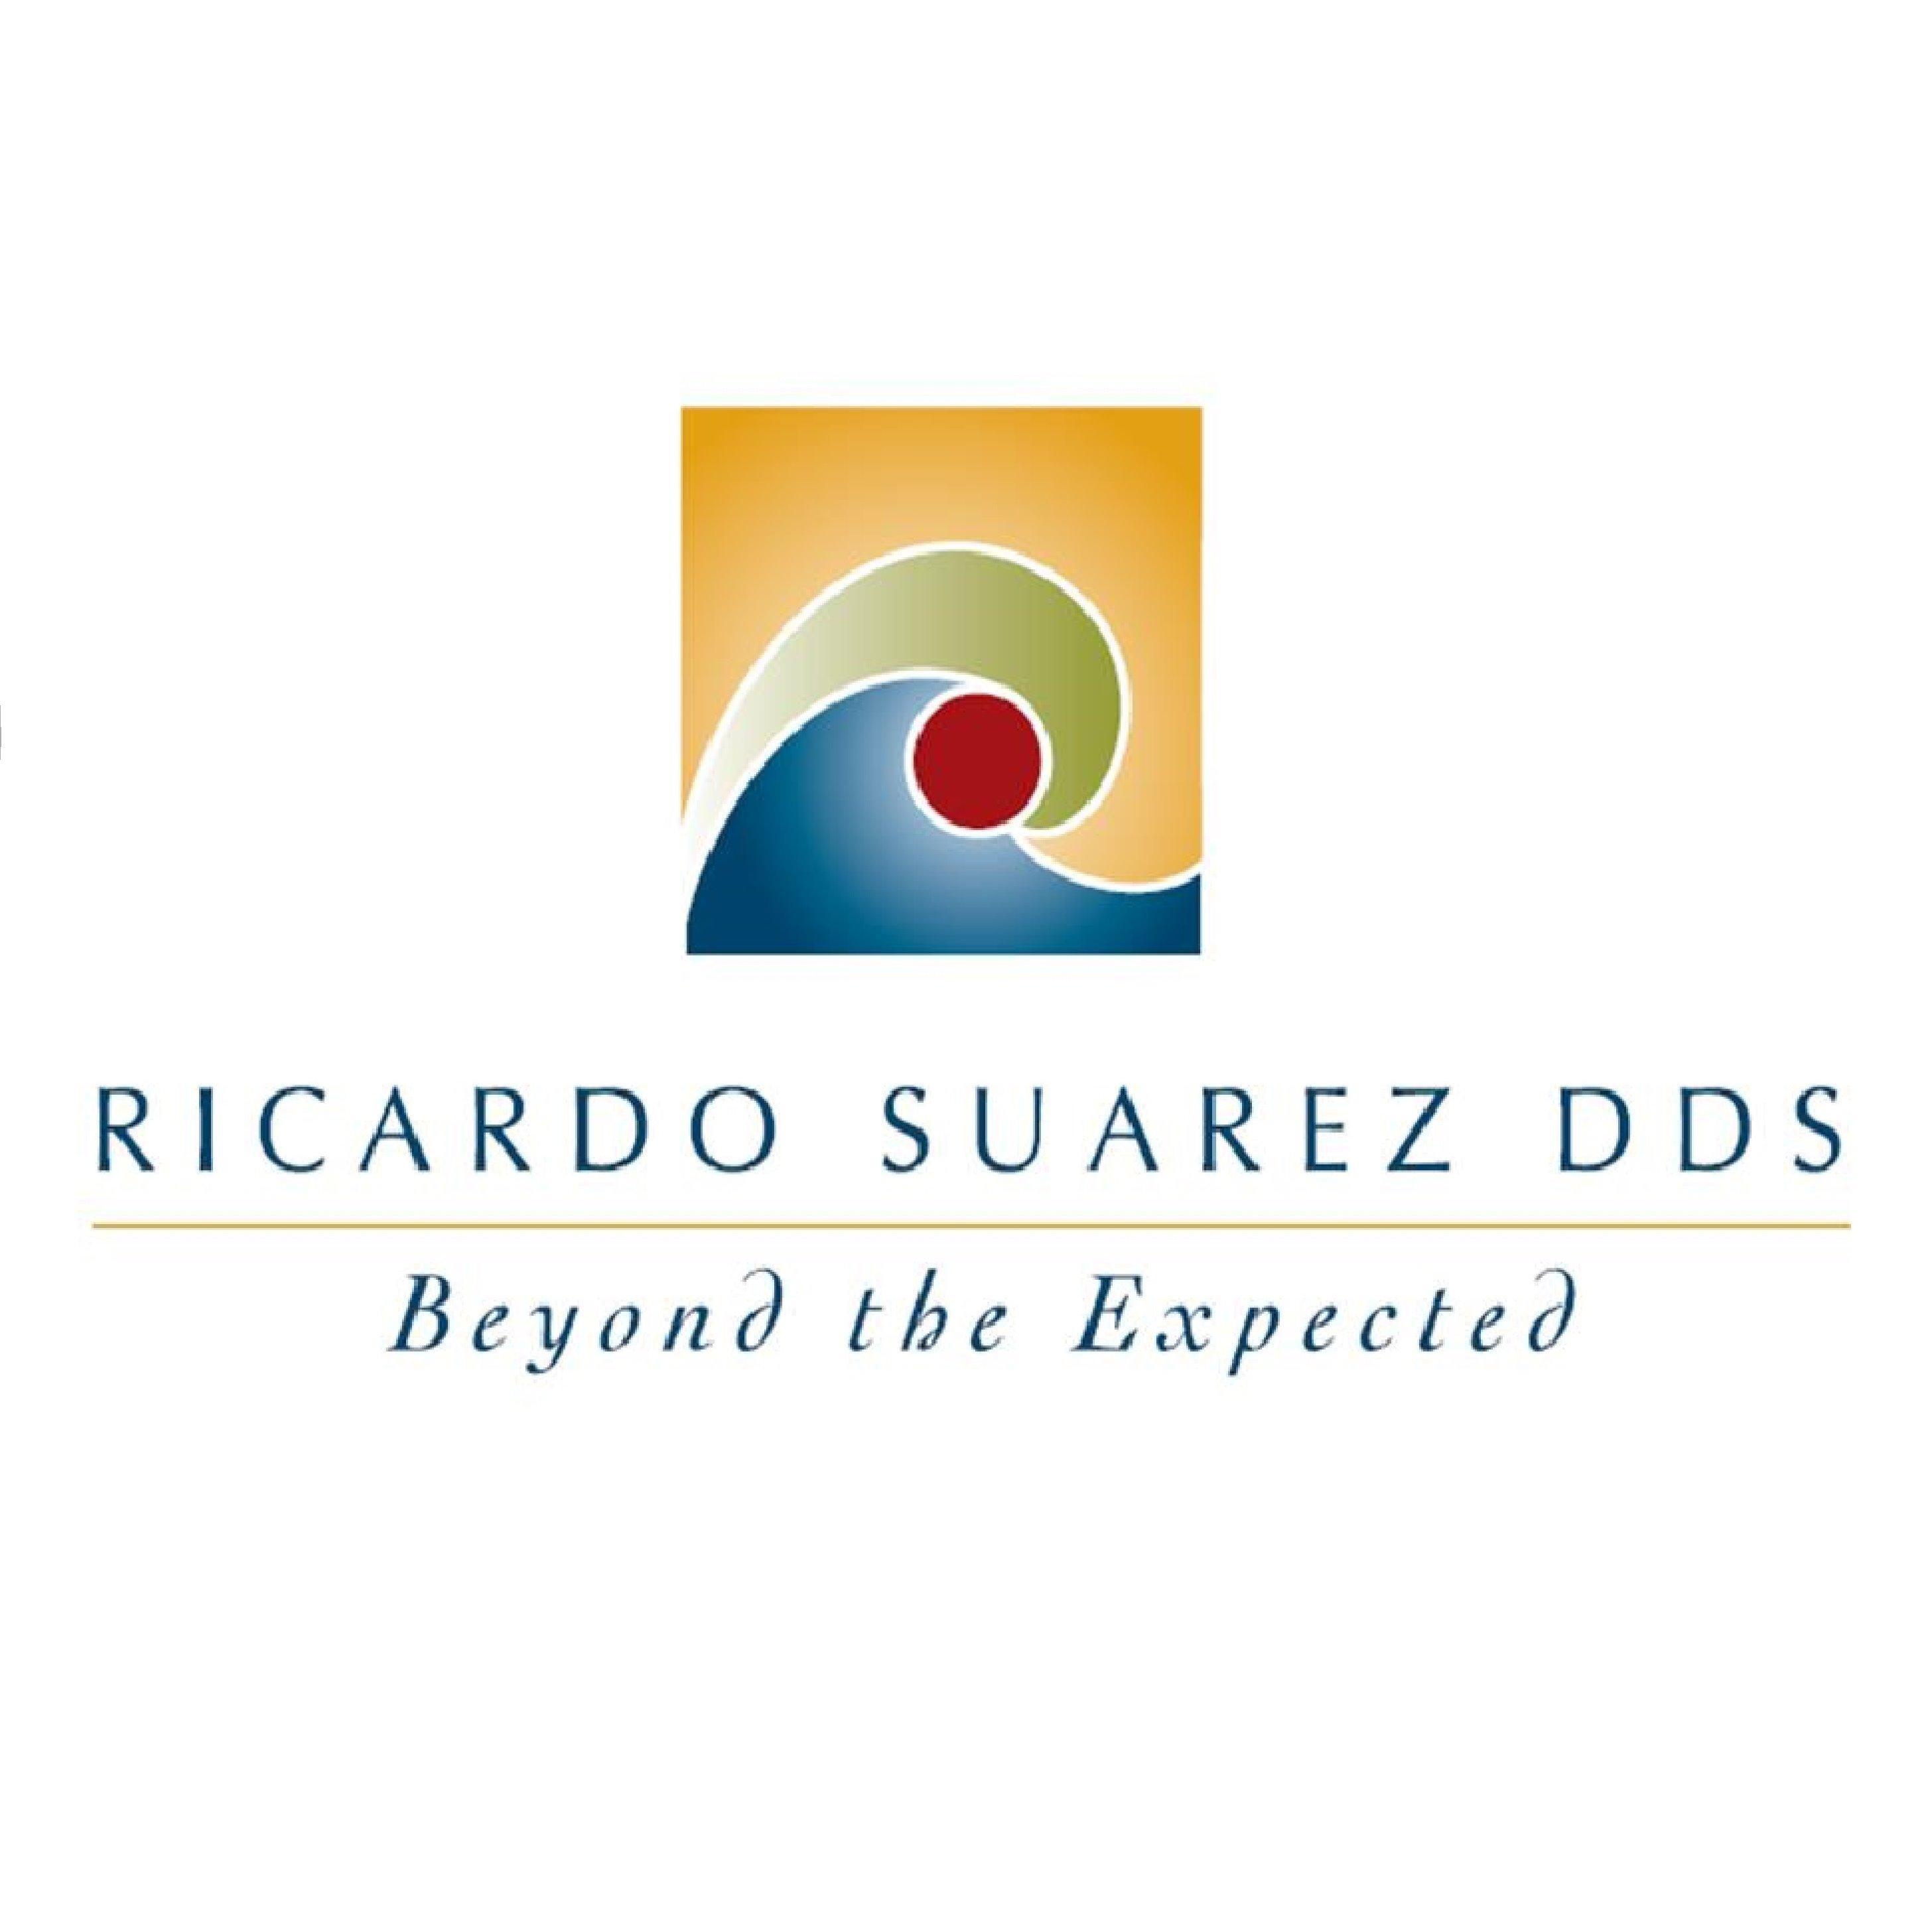 Ricardo Suarez, DDS